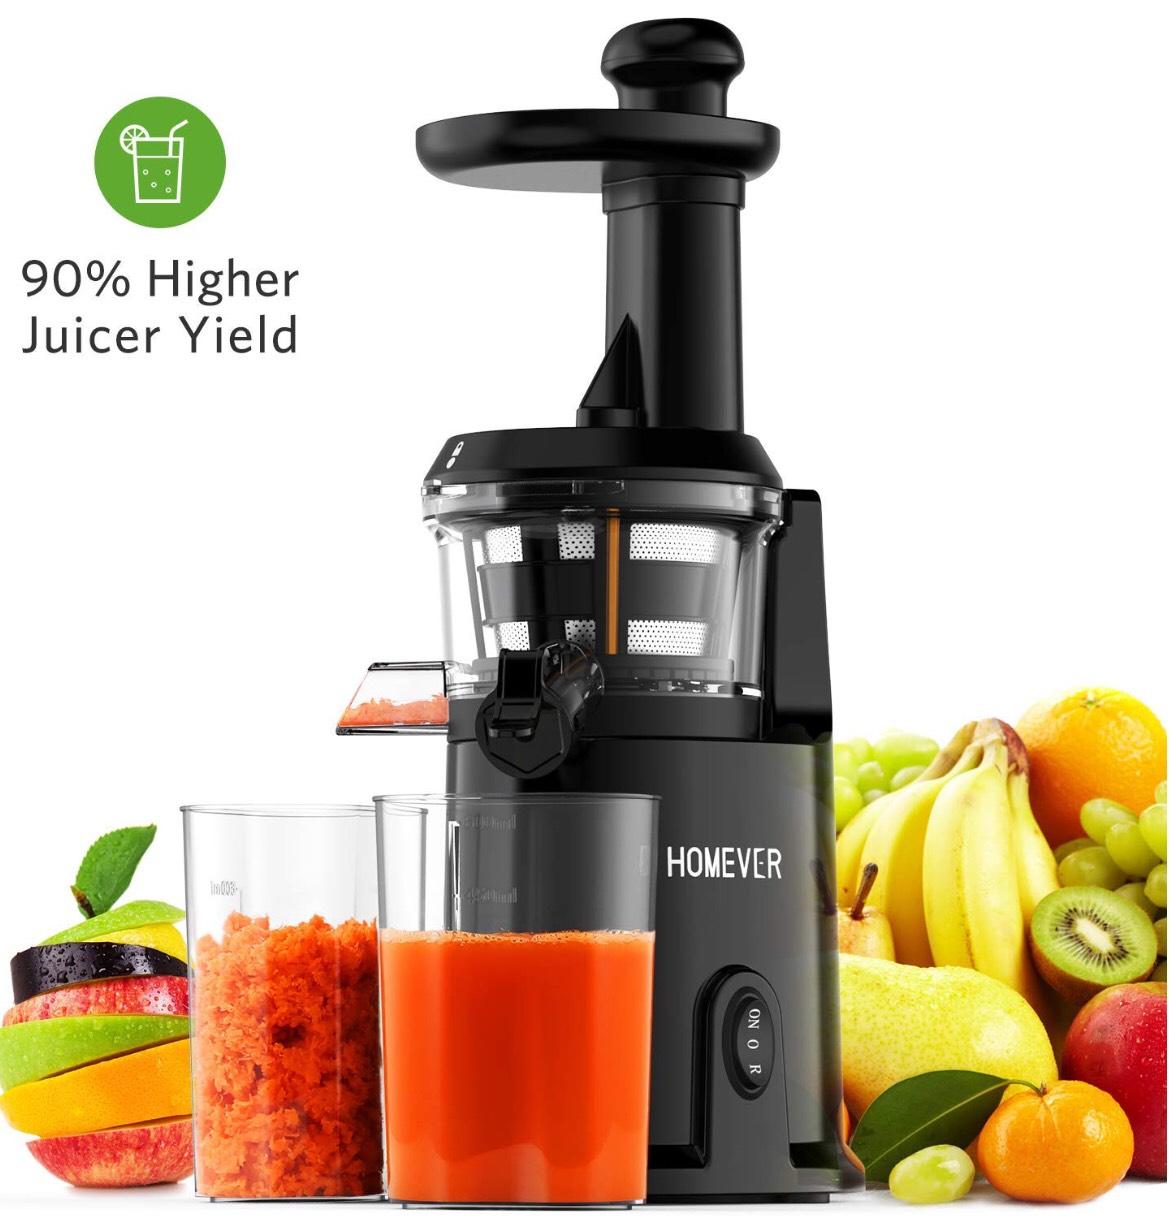 Extracteur de Jus de Fruits et Légumes Homever - Gris (vendeur tiers)